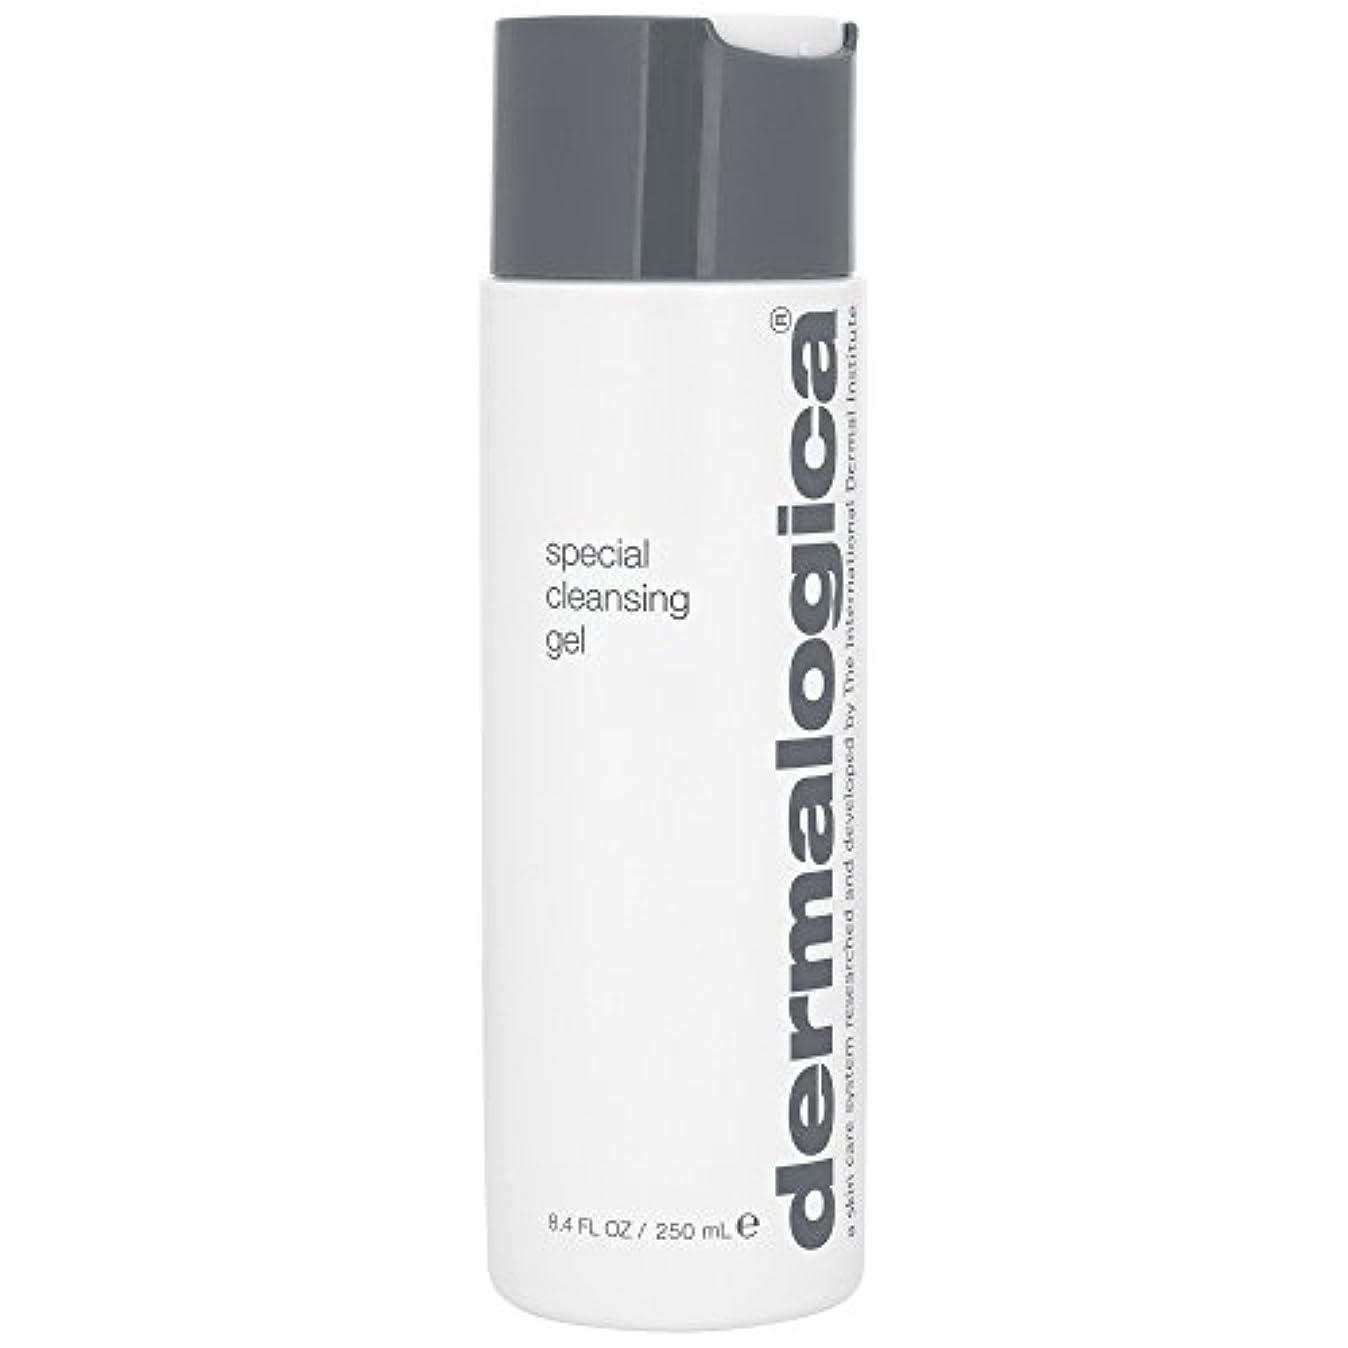 好戦的なジャングルストライプダーマロジカ特別なクレンジングゲル250ミリリットル (Dermalogica) (x6) - Dermalogica Special Cleansing Gel 250ml (Pack of 6) [並行輸入品]